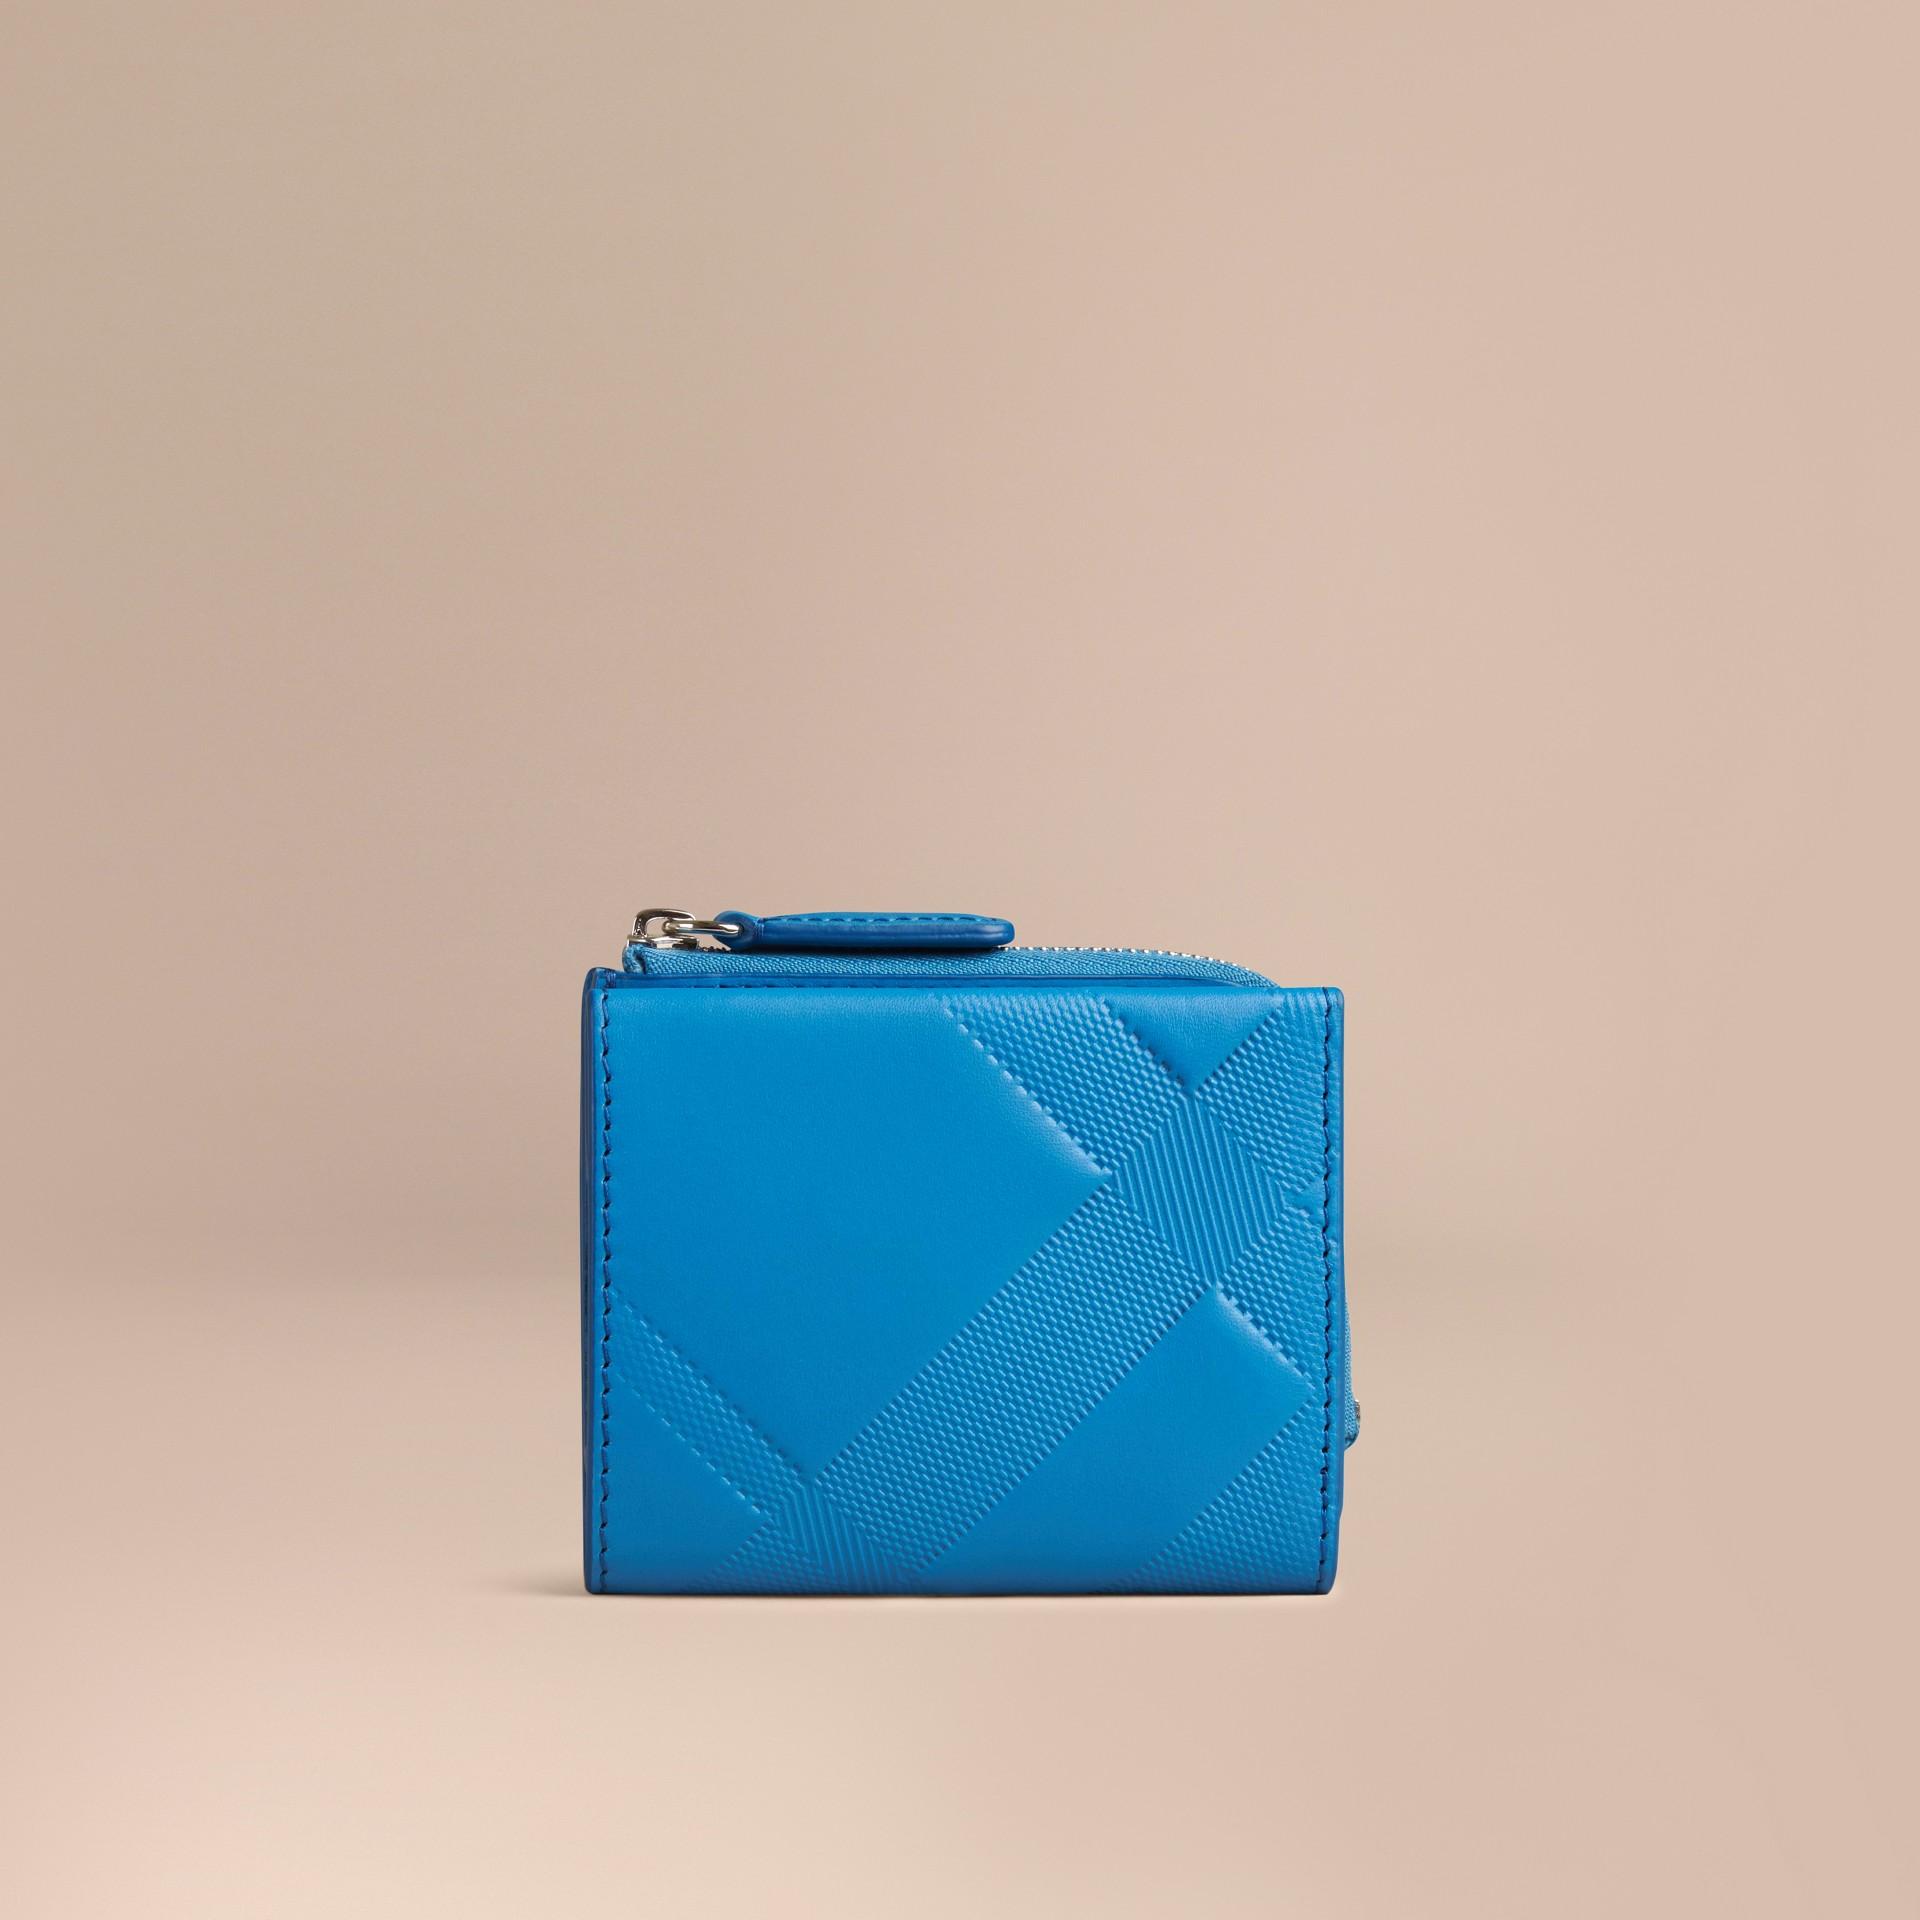 Azurblau Faltbrieftasche aus Leder mit Check-Prägung Azurblau - Galerie-Bild 3